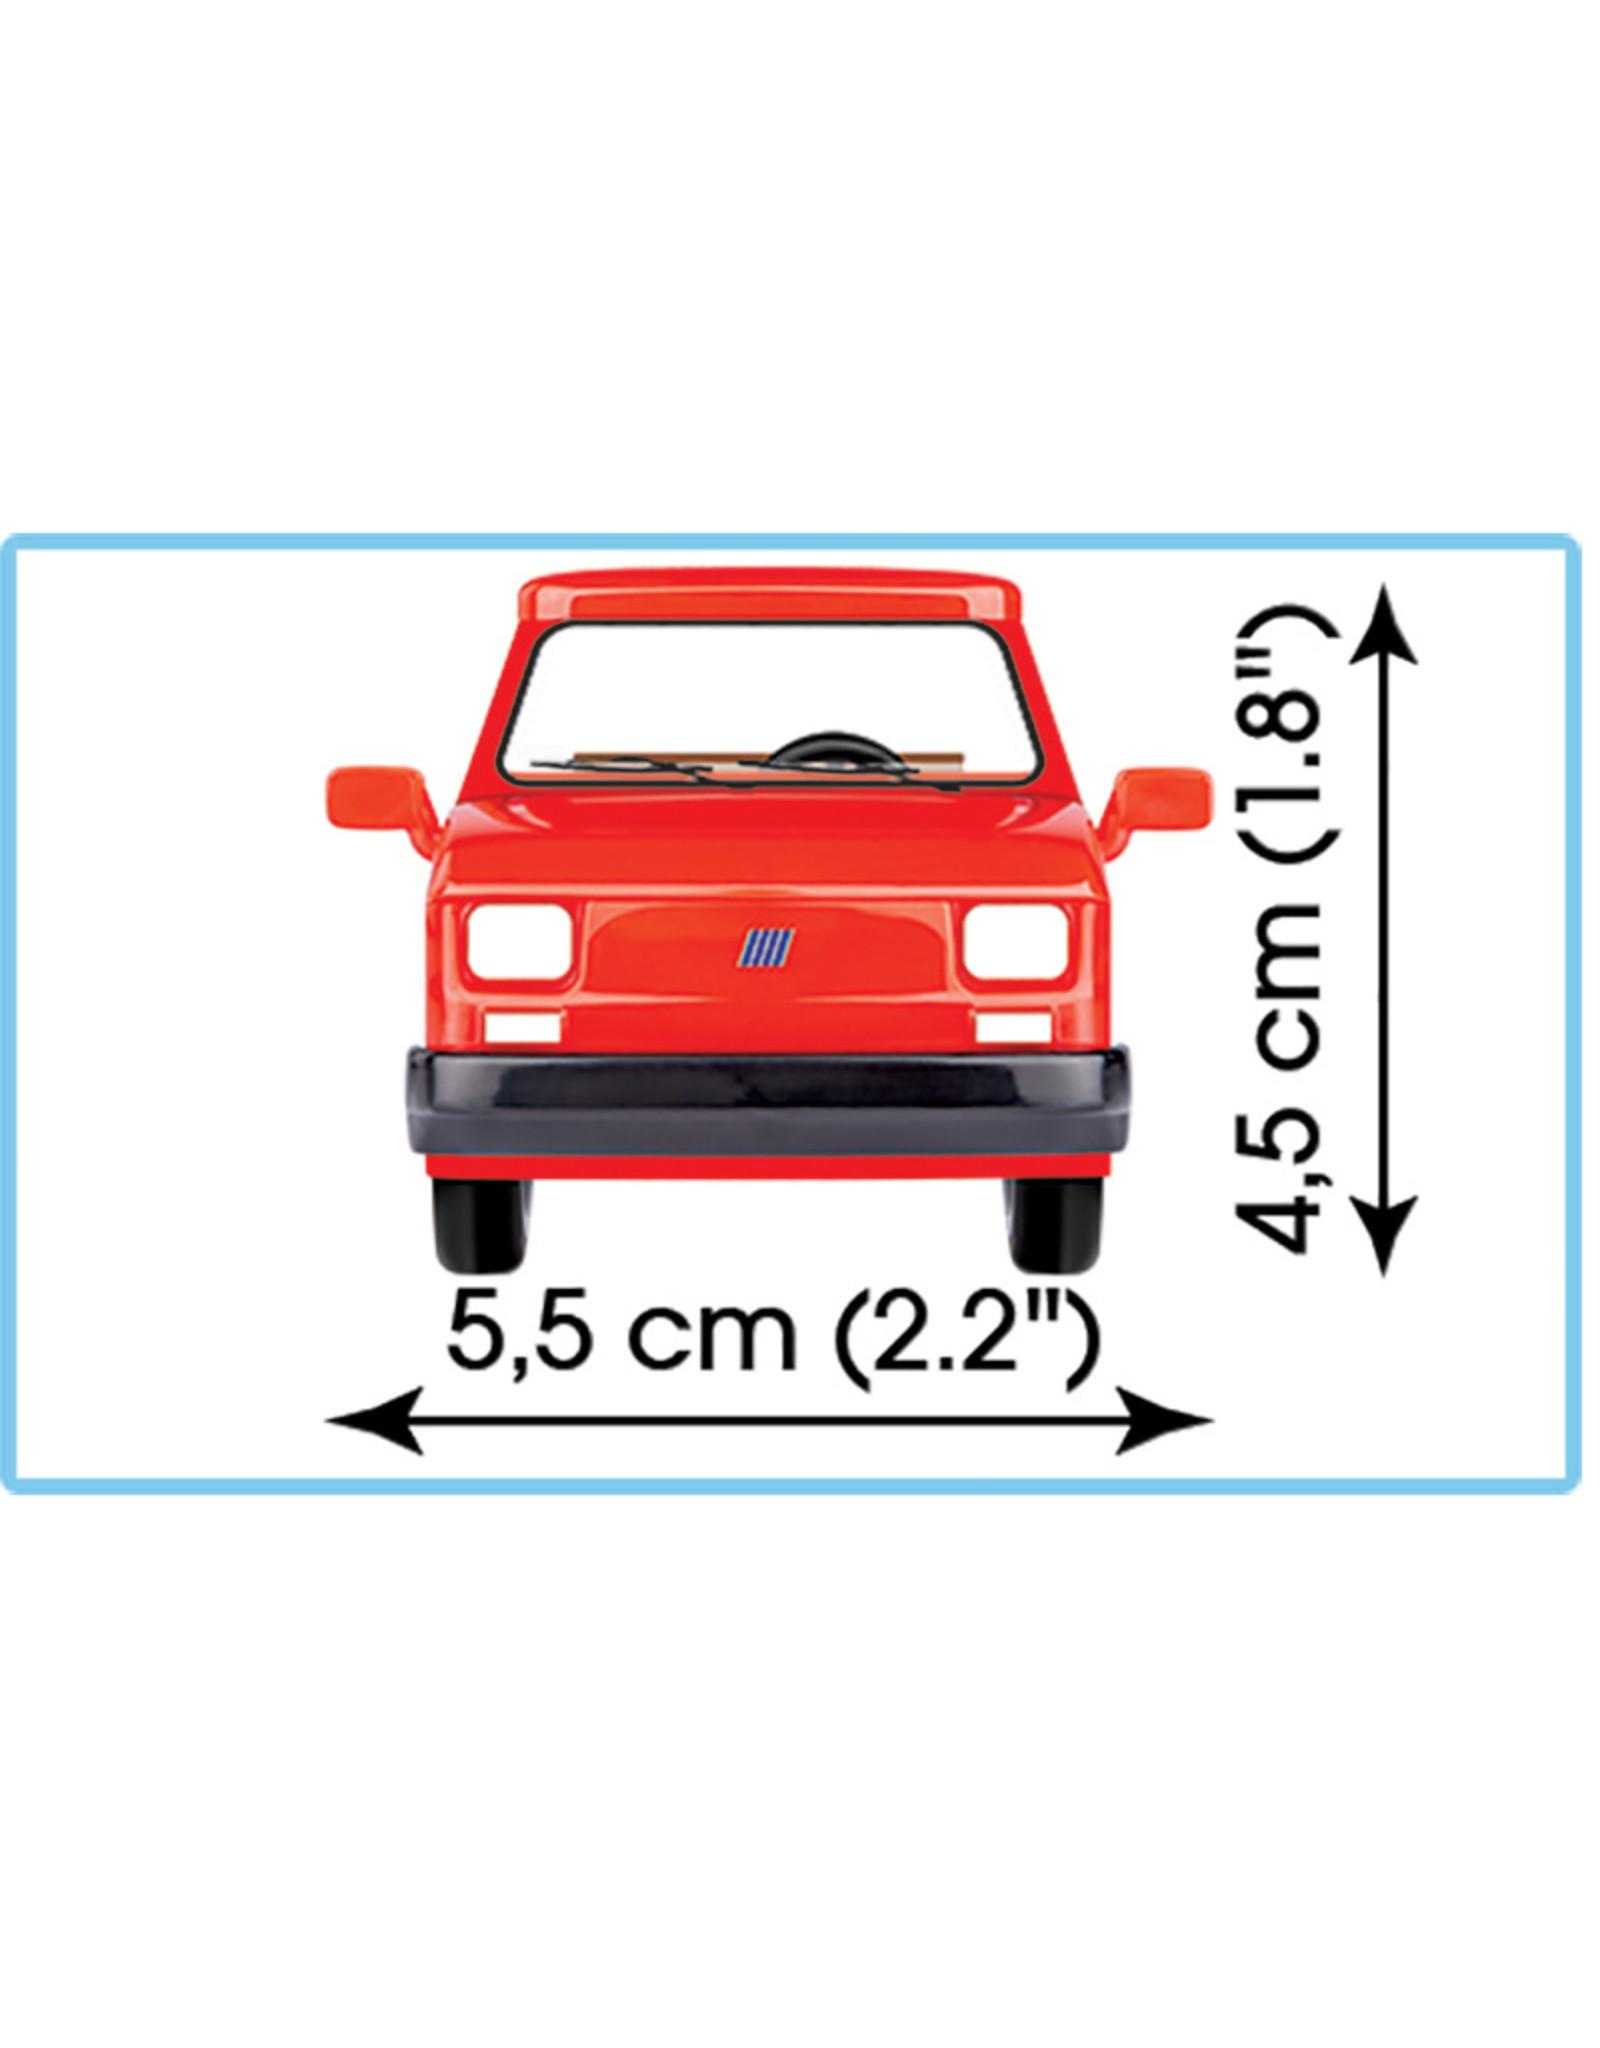 COBI COBI 24531 - Fiat 126el